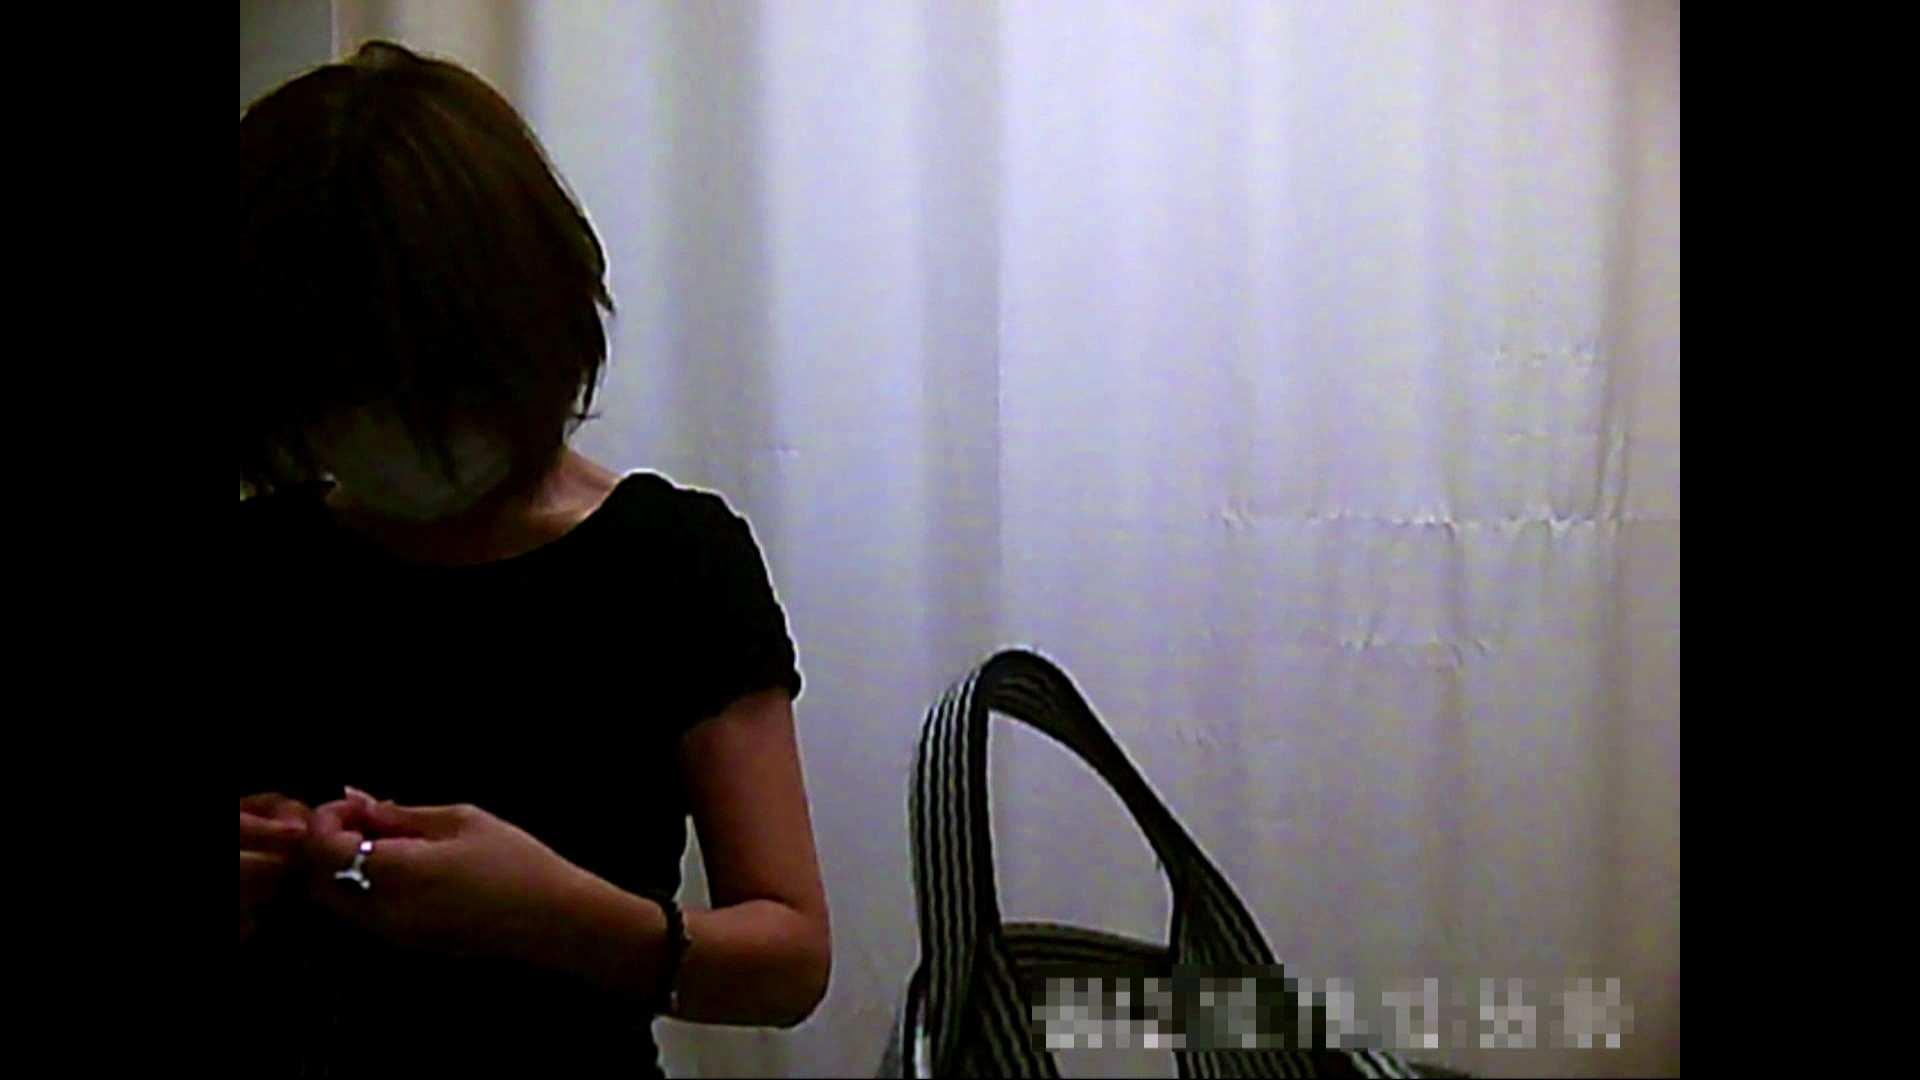 病院おもいっきり着替え! vol.243 乳首ポロリ 盗み撮りAV無料動画キャプチャ 86画像 68